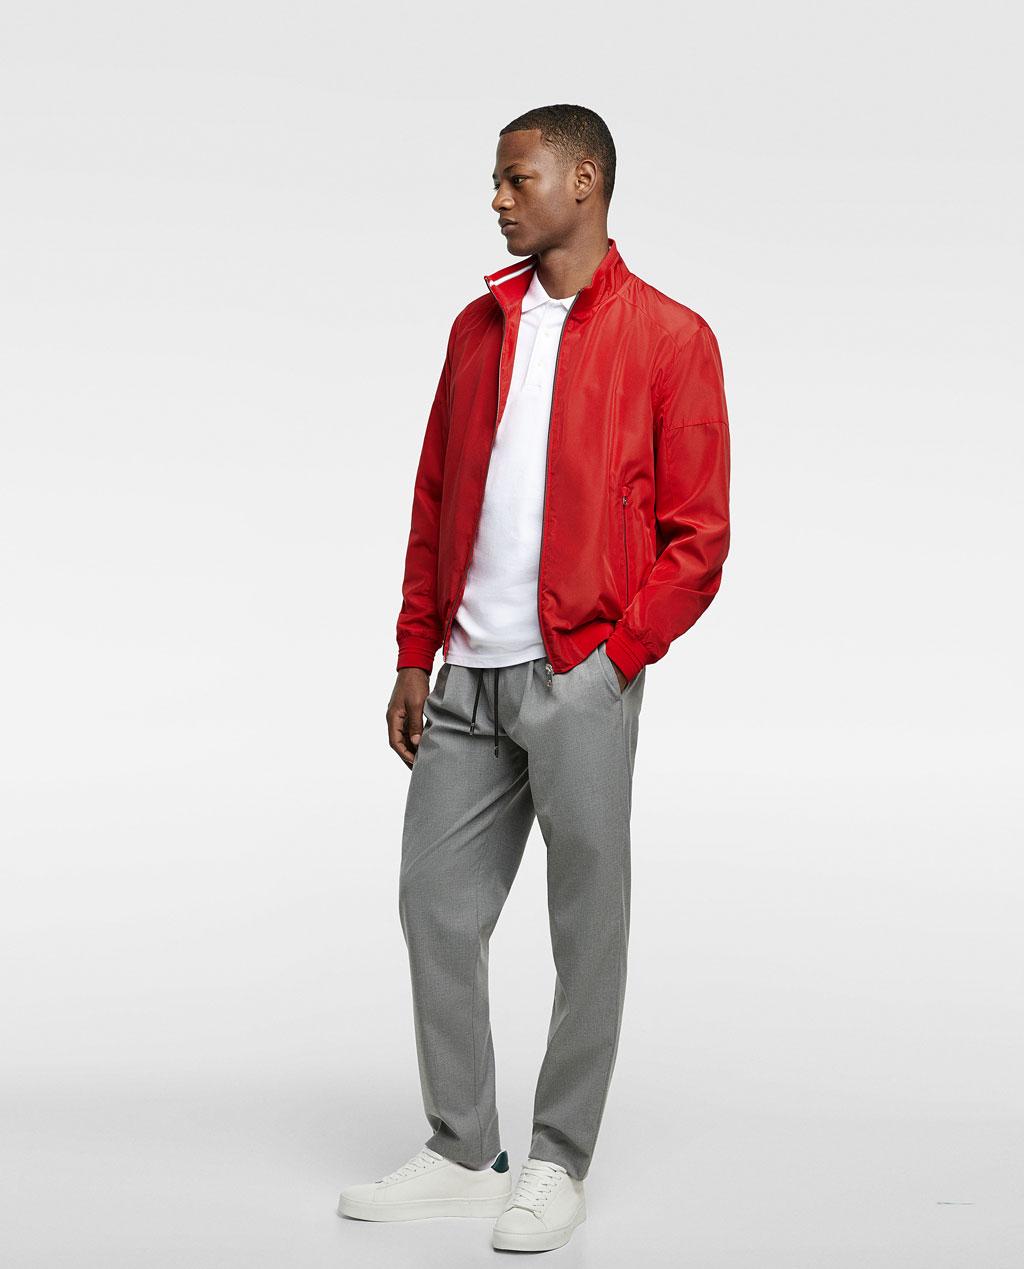 Thời trang nam Zara  23893 - ảnh 3